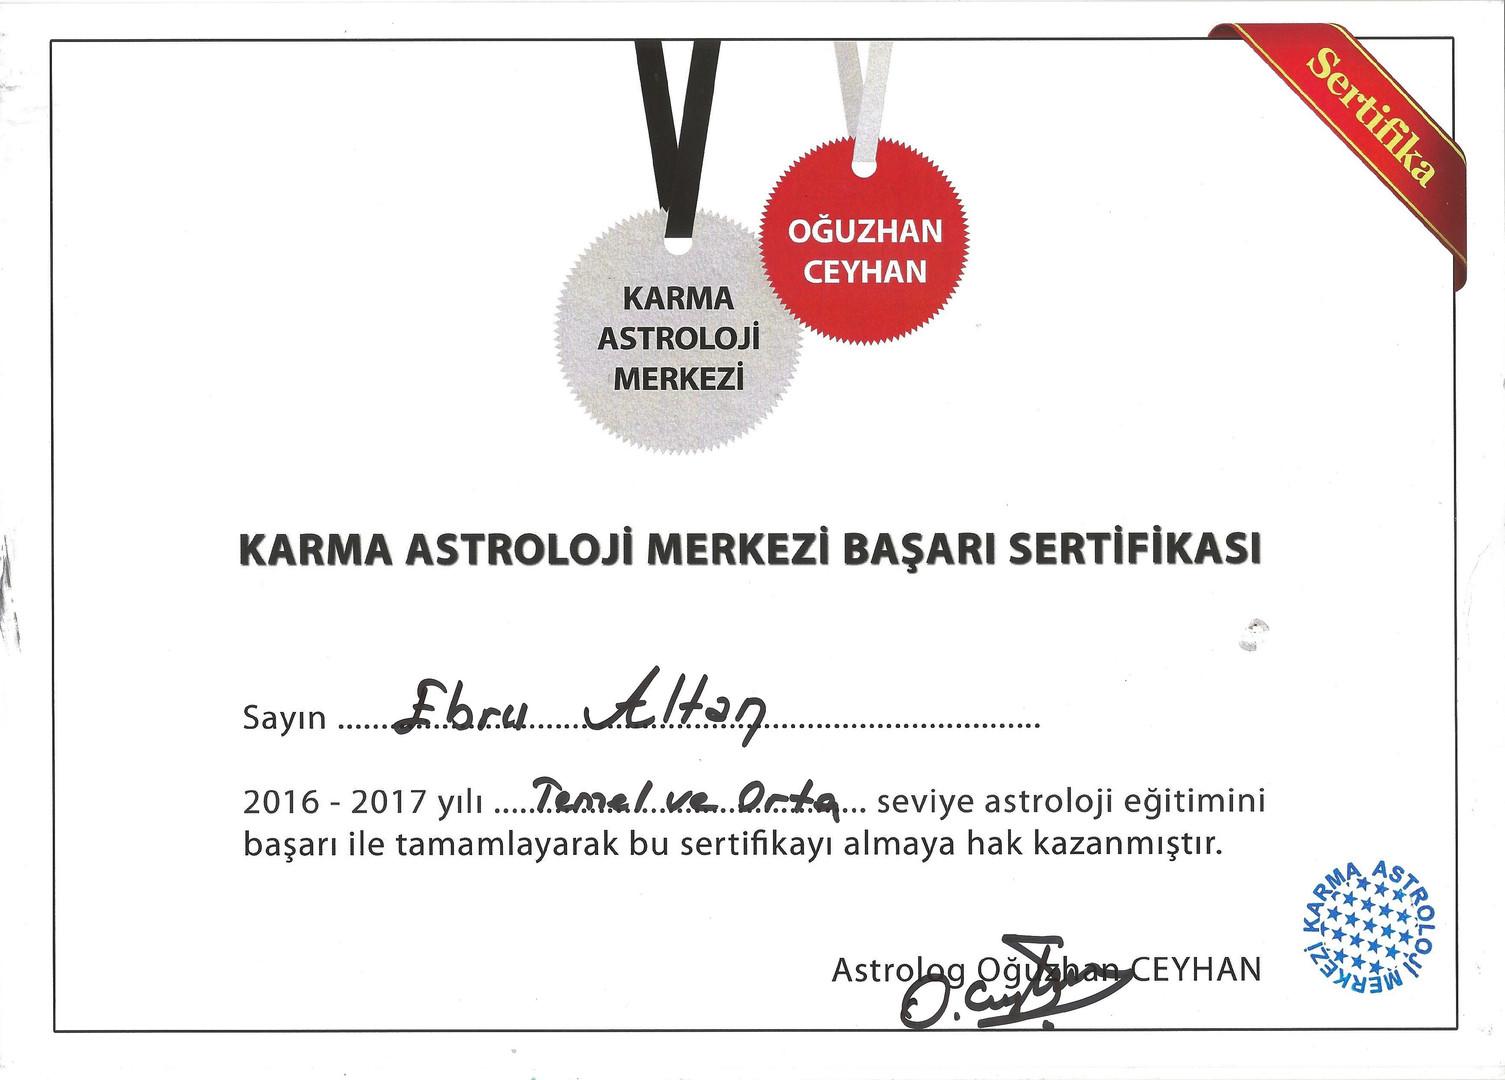 Oğuzhan Ceyhan - Temel ve Orta Seviye Astroloji Eğitimi - 2017